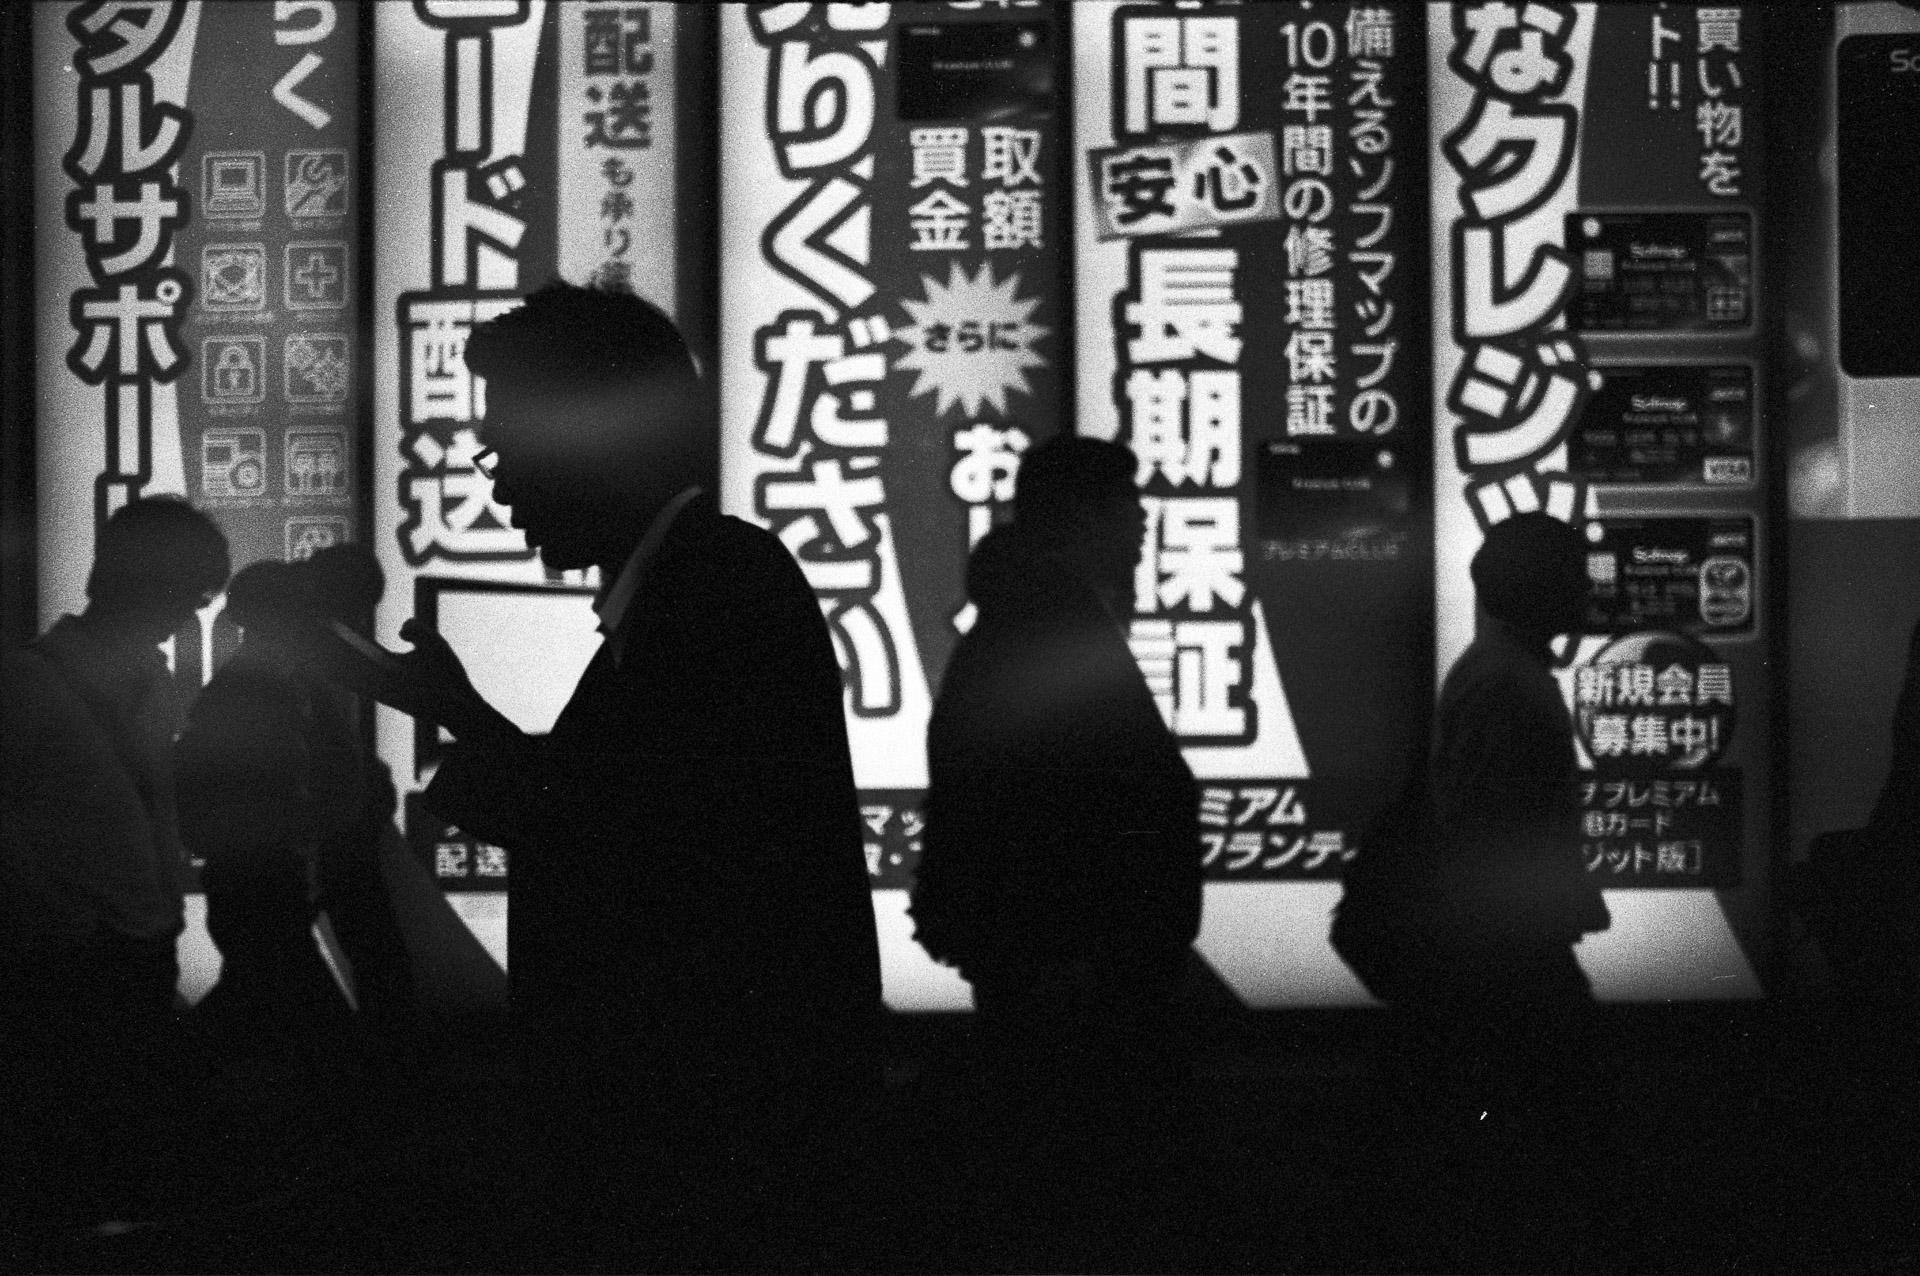 Shinjuku - Kodak Tmax 400 @1600 - Rollei SL35 E